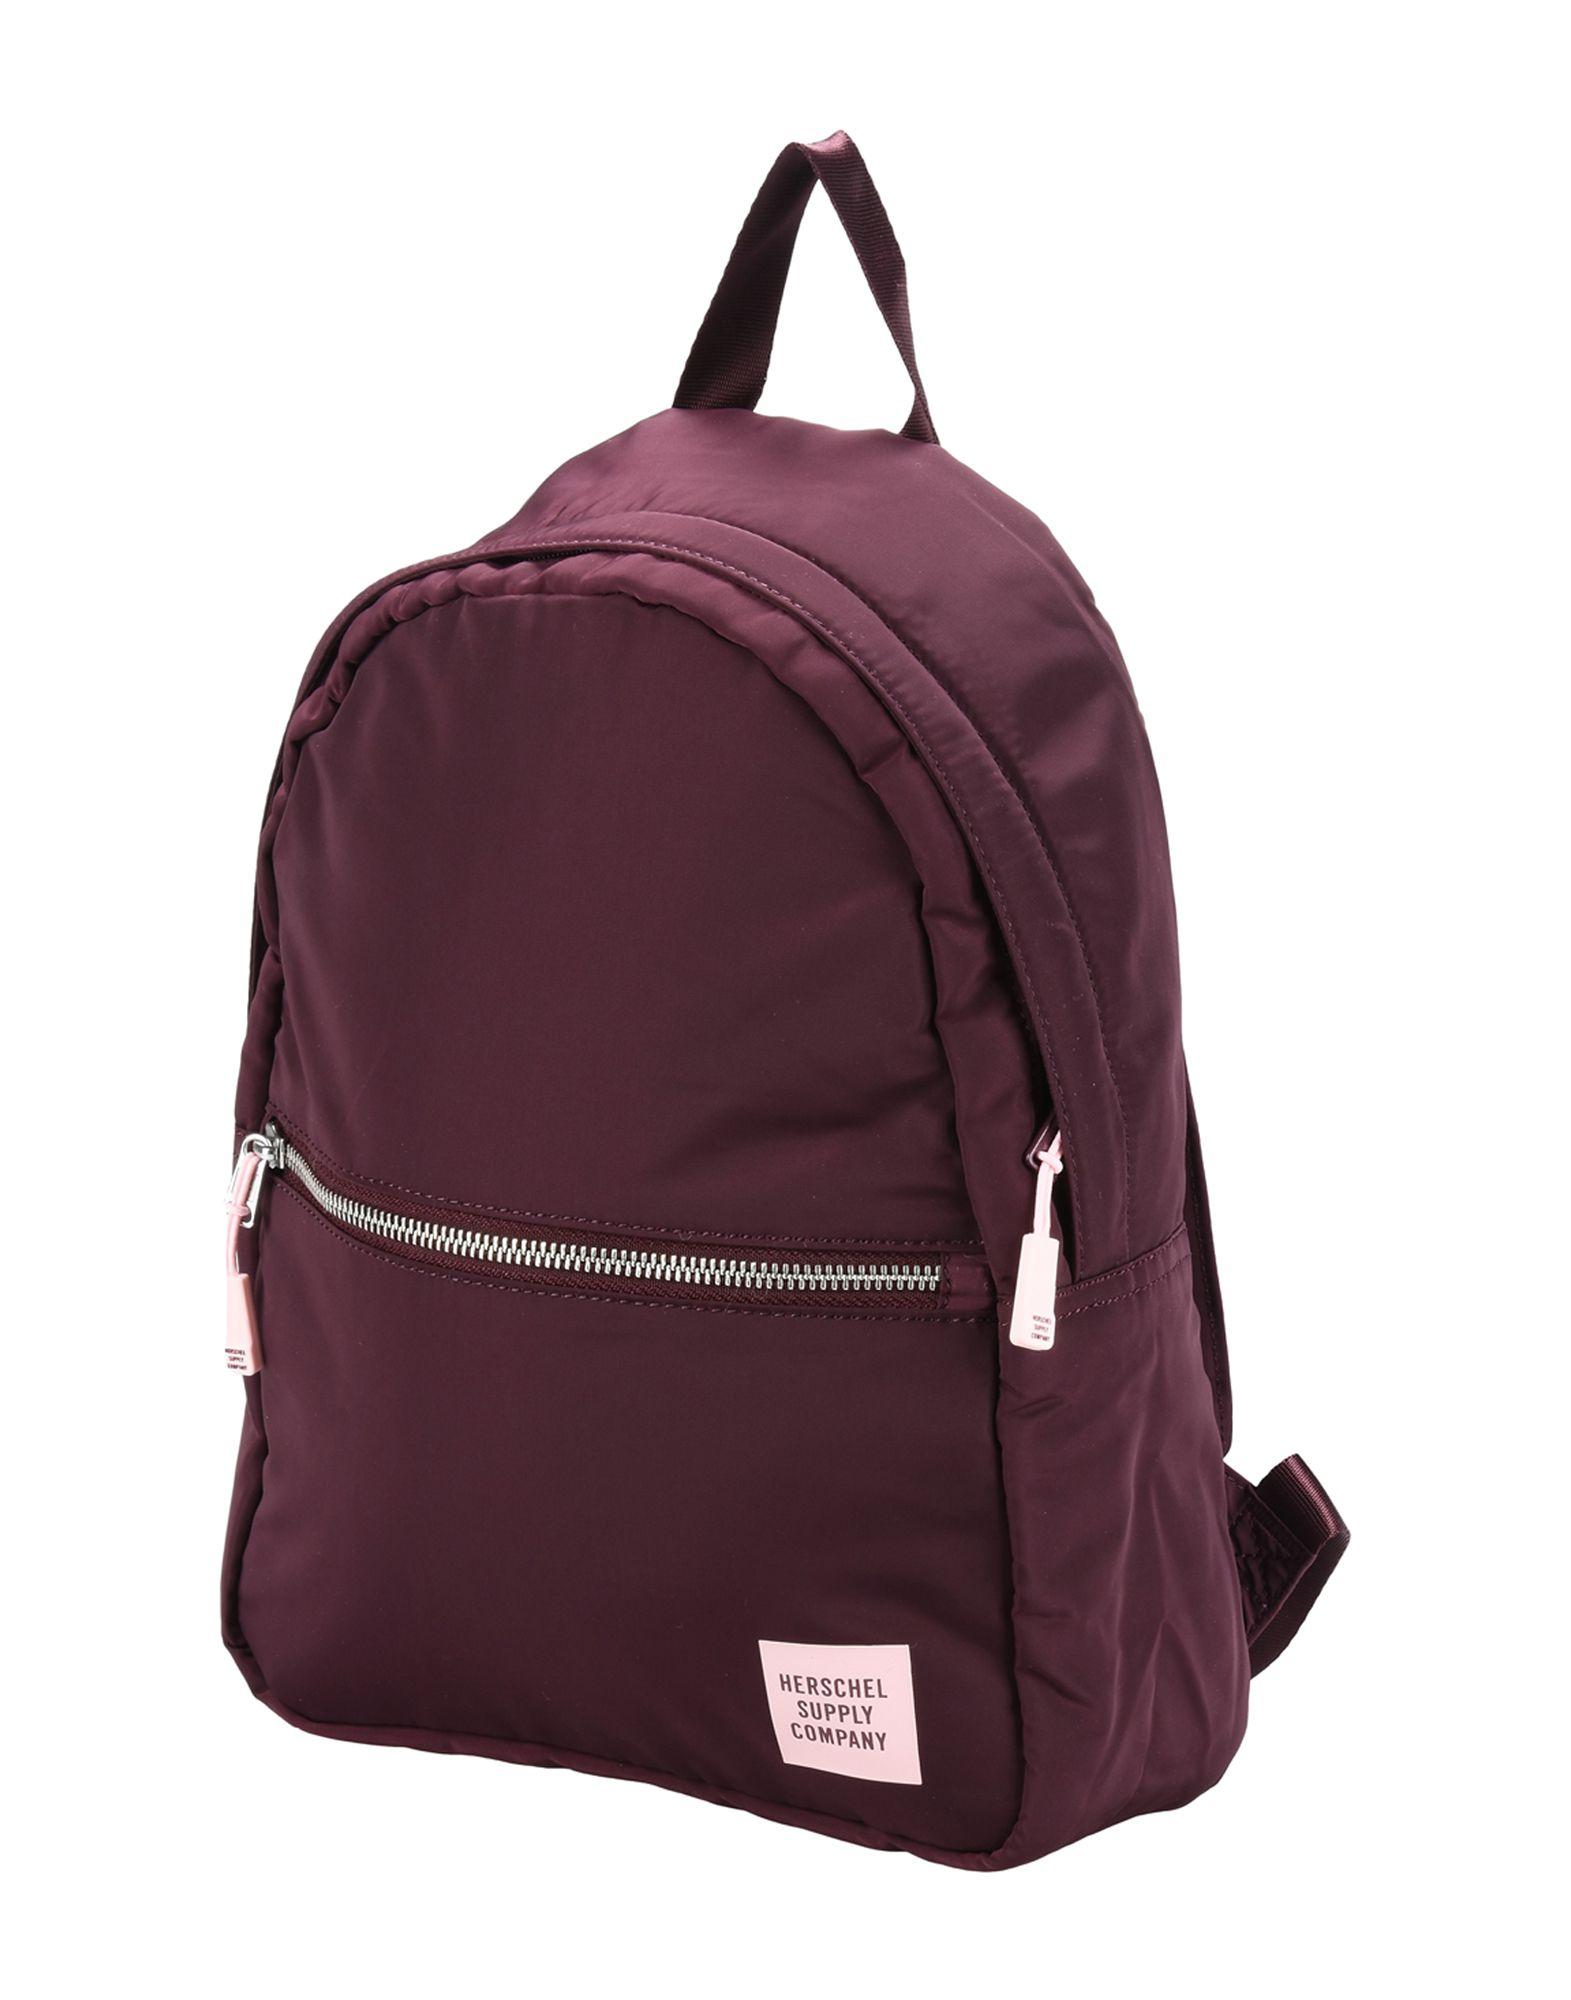 HERSCHEL SUPPLY CO. Рюкзаки и сумки на пояс дюна сумки и рюкзаки